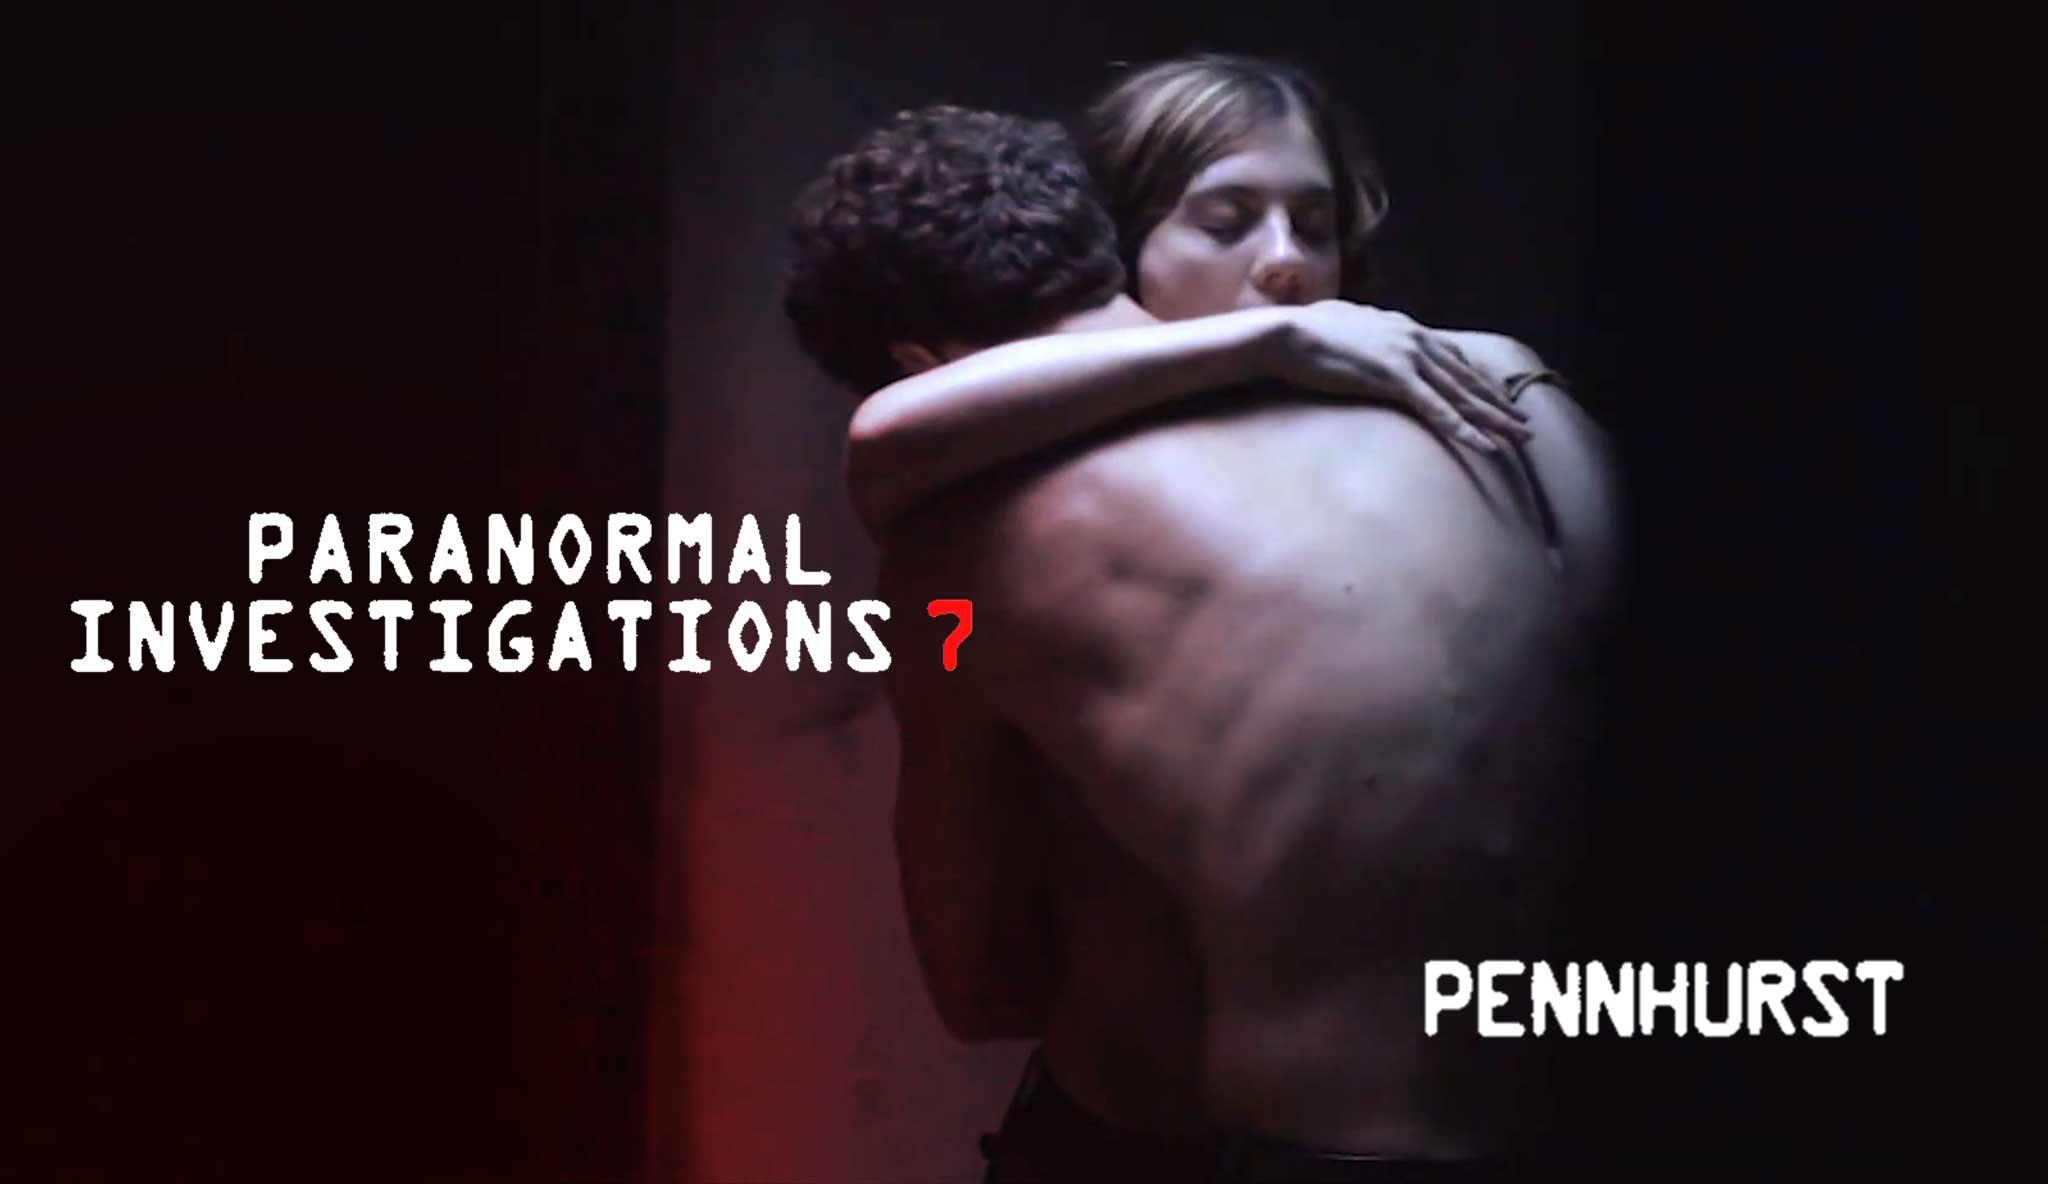 paranormal-investigations-7-pennhurst\header.jpg